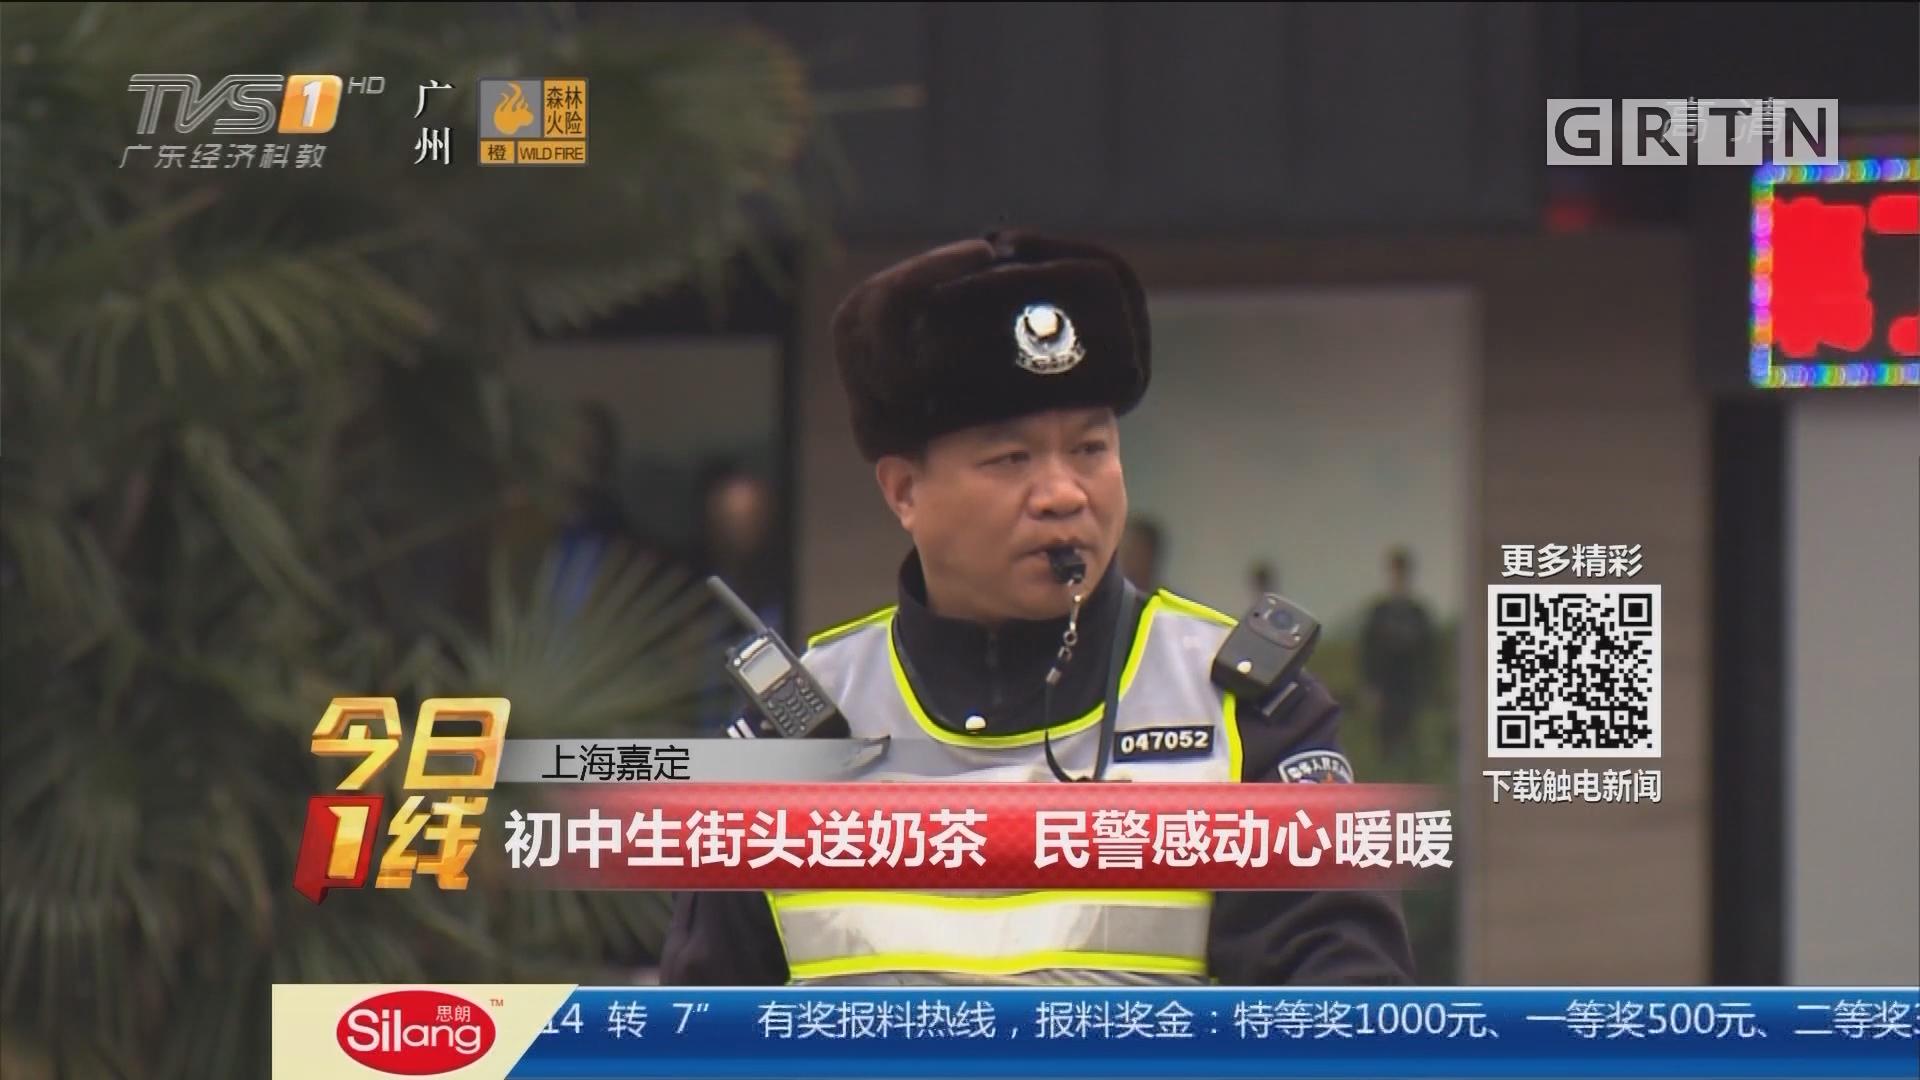 上海嘉定:初中生街头送奶茶 民警感动心暖暖